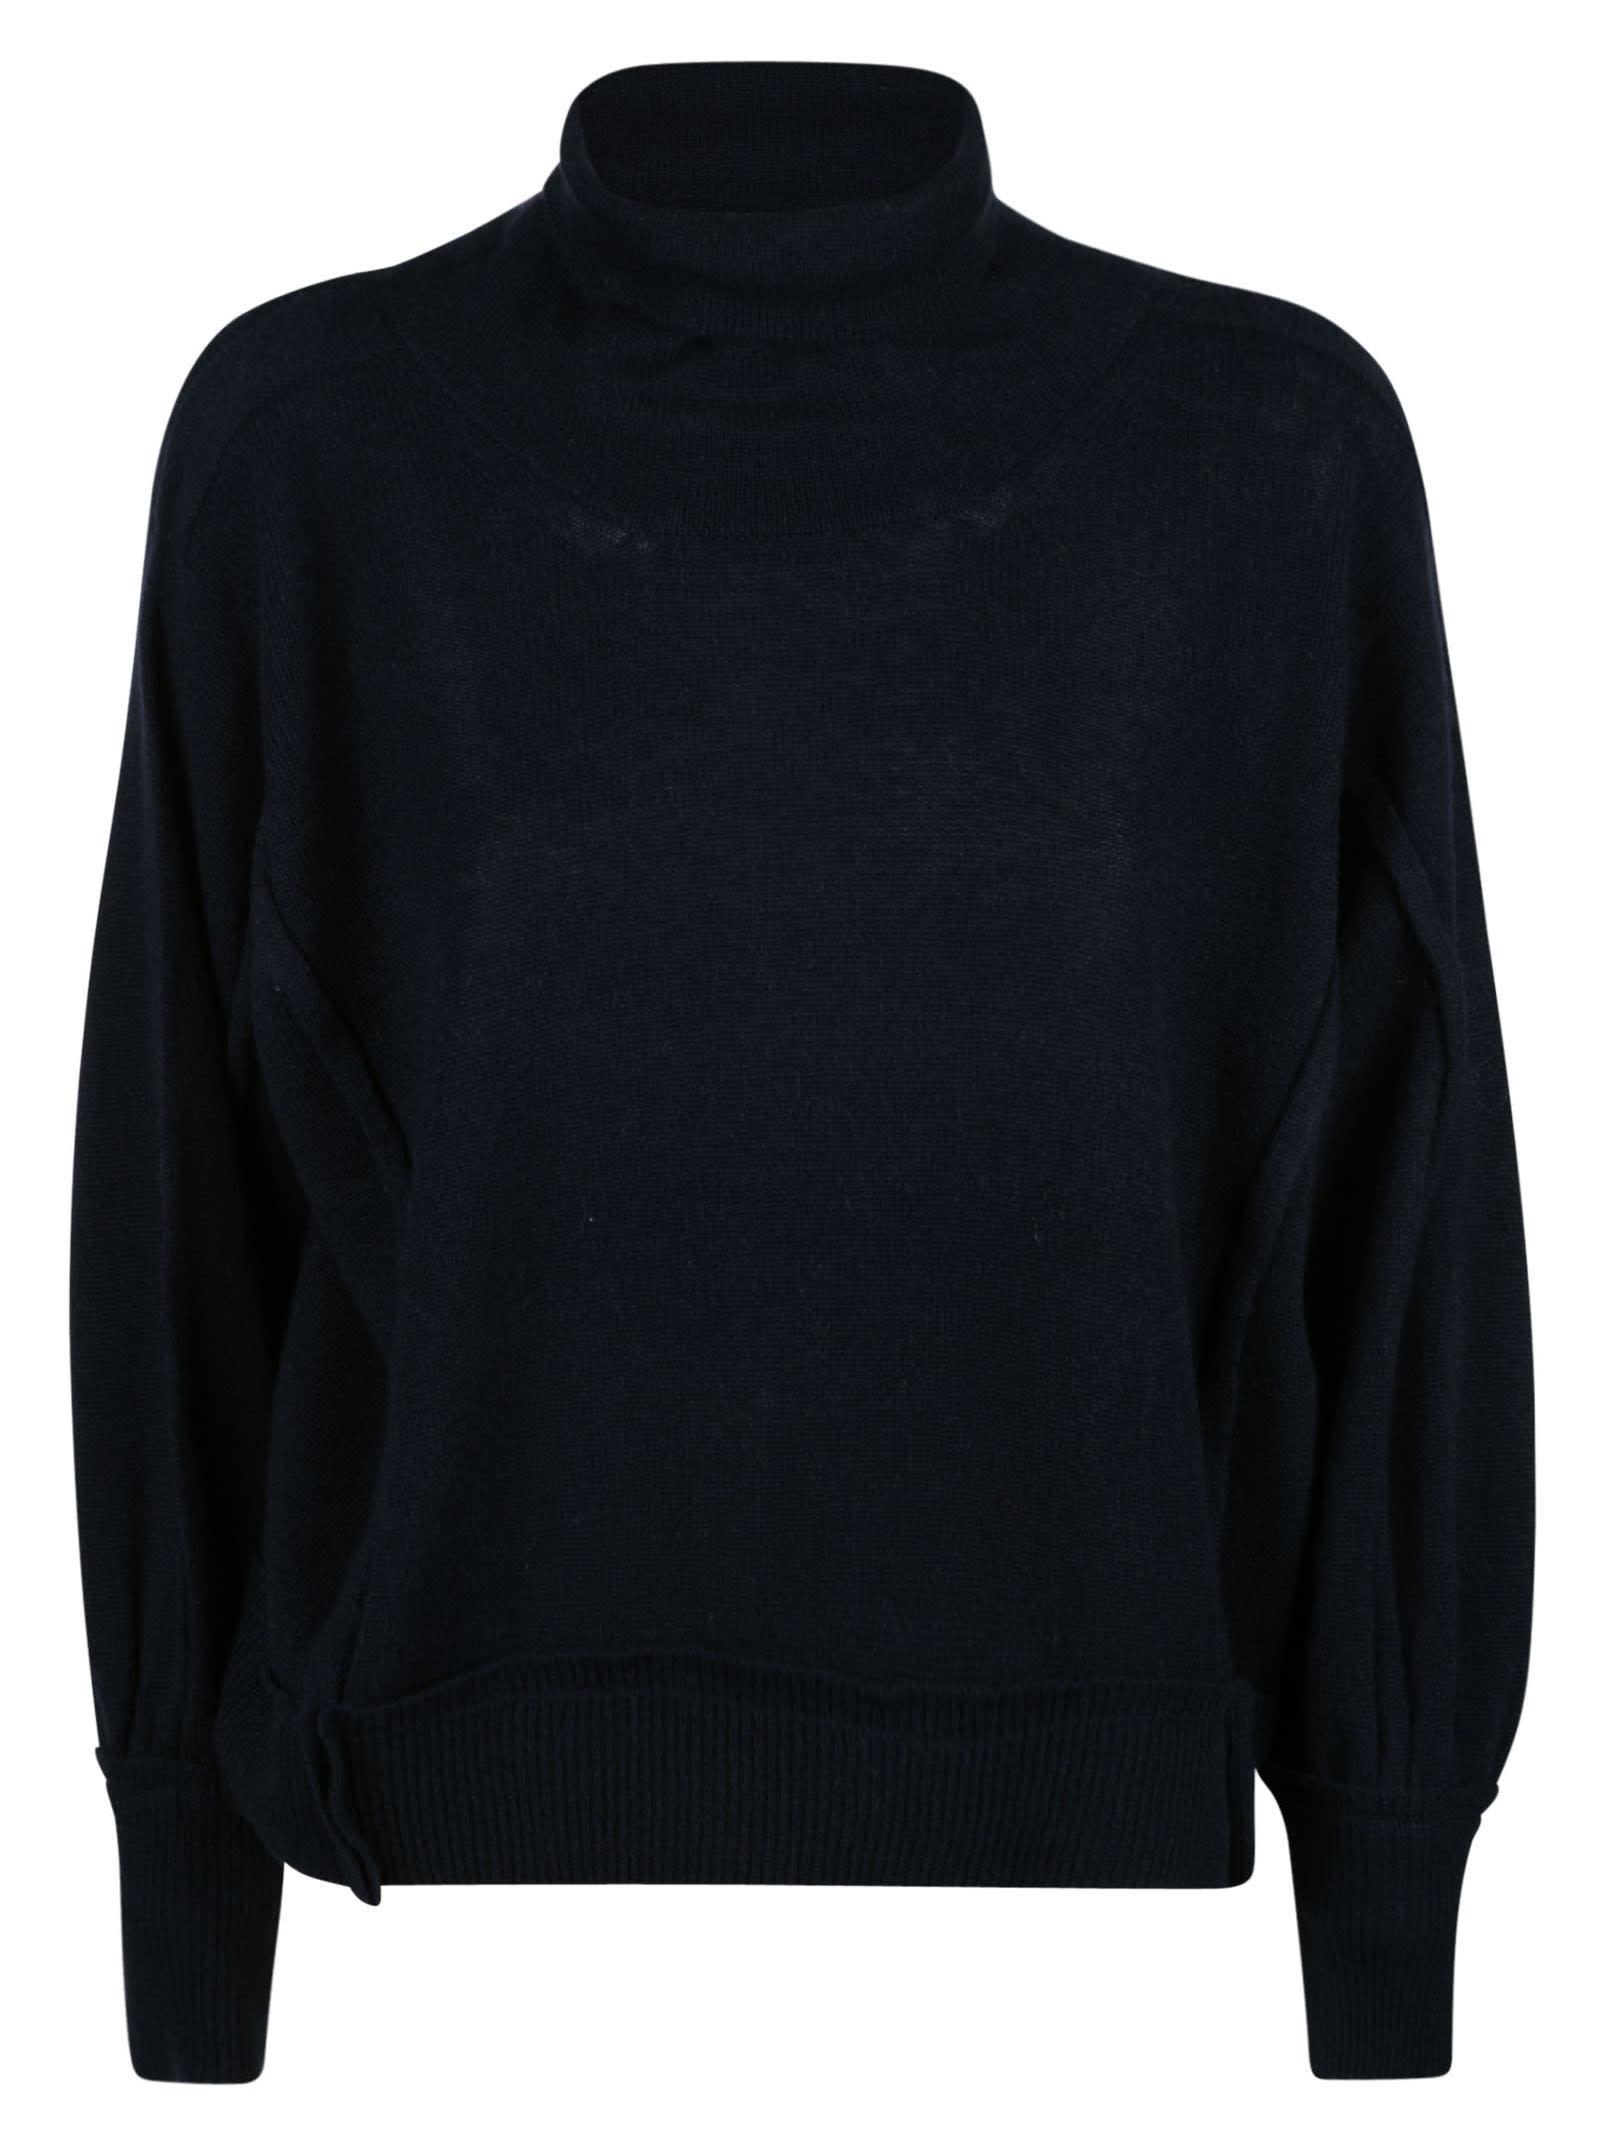 Loose Turtleneck Plain Sweater